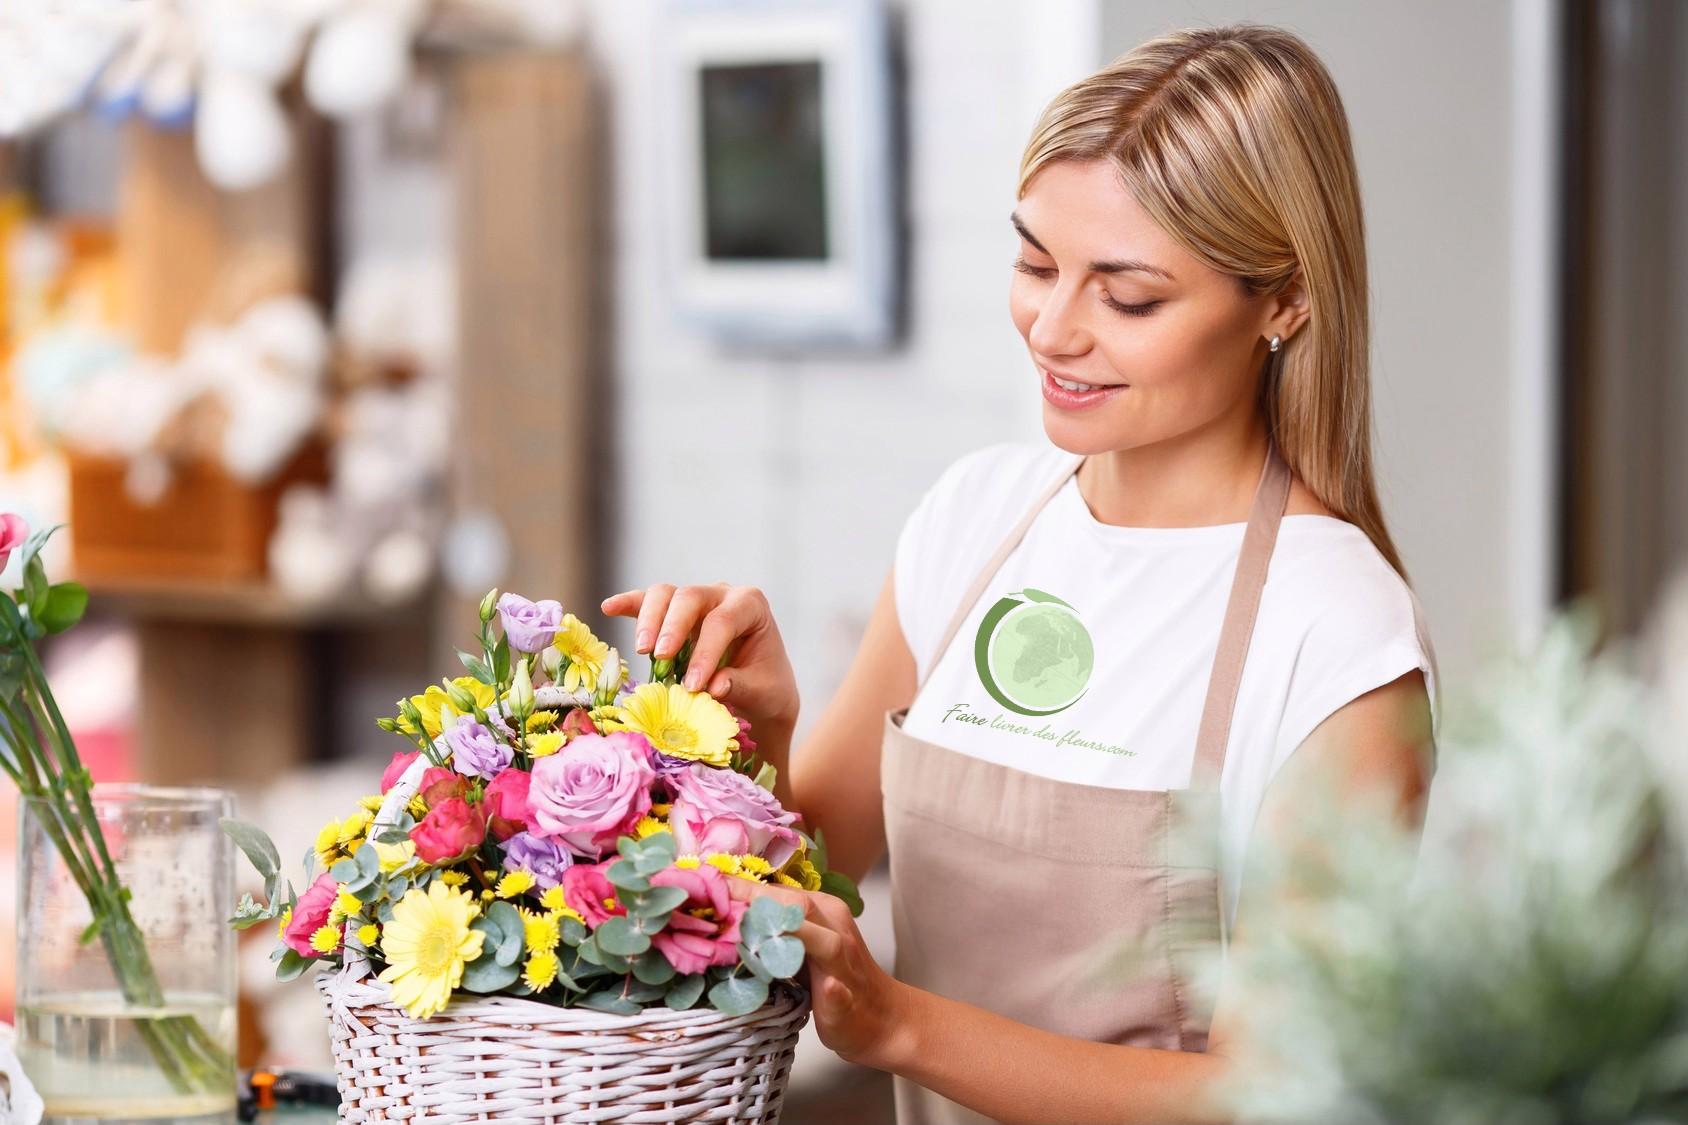 envoi envoyer livraison livrer fleurs paris 1 faire livrer des fleurs. Black Bedroom Furniture Sets. Home Design Ideas